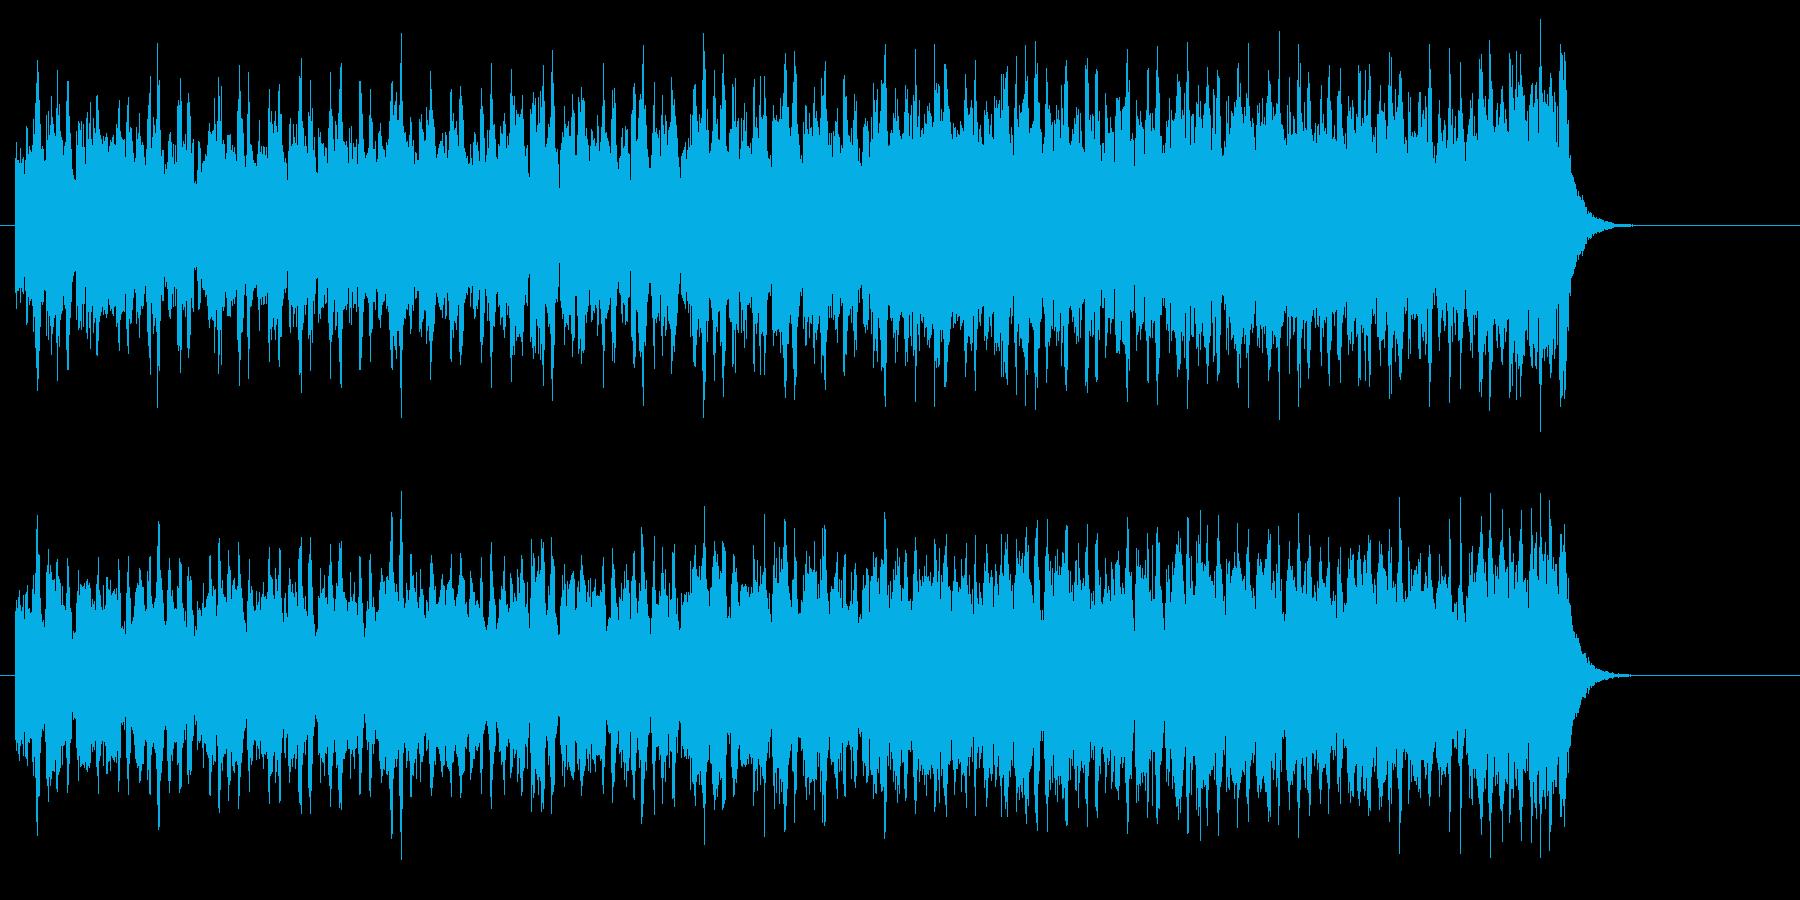 こどものメルヘンなセミクラ可愛いワルツの再生済みの波形